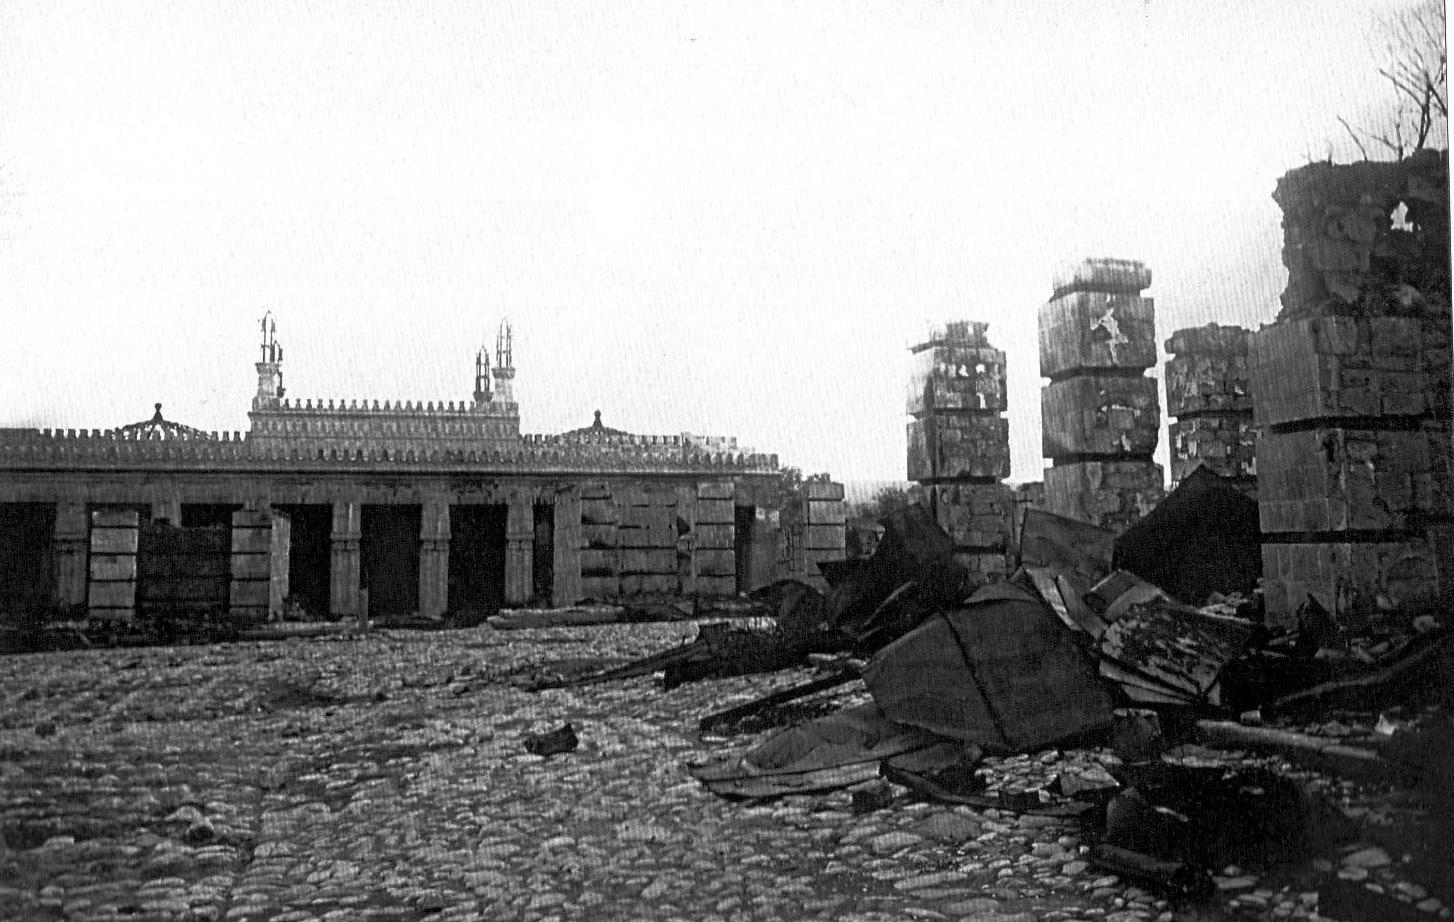 Cümə məscidinin qarşısında dağıntılar